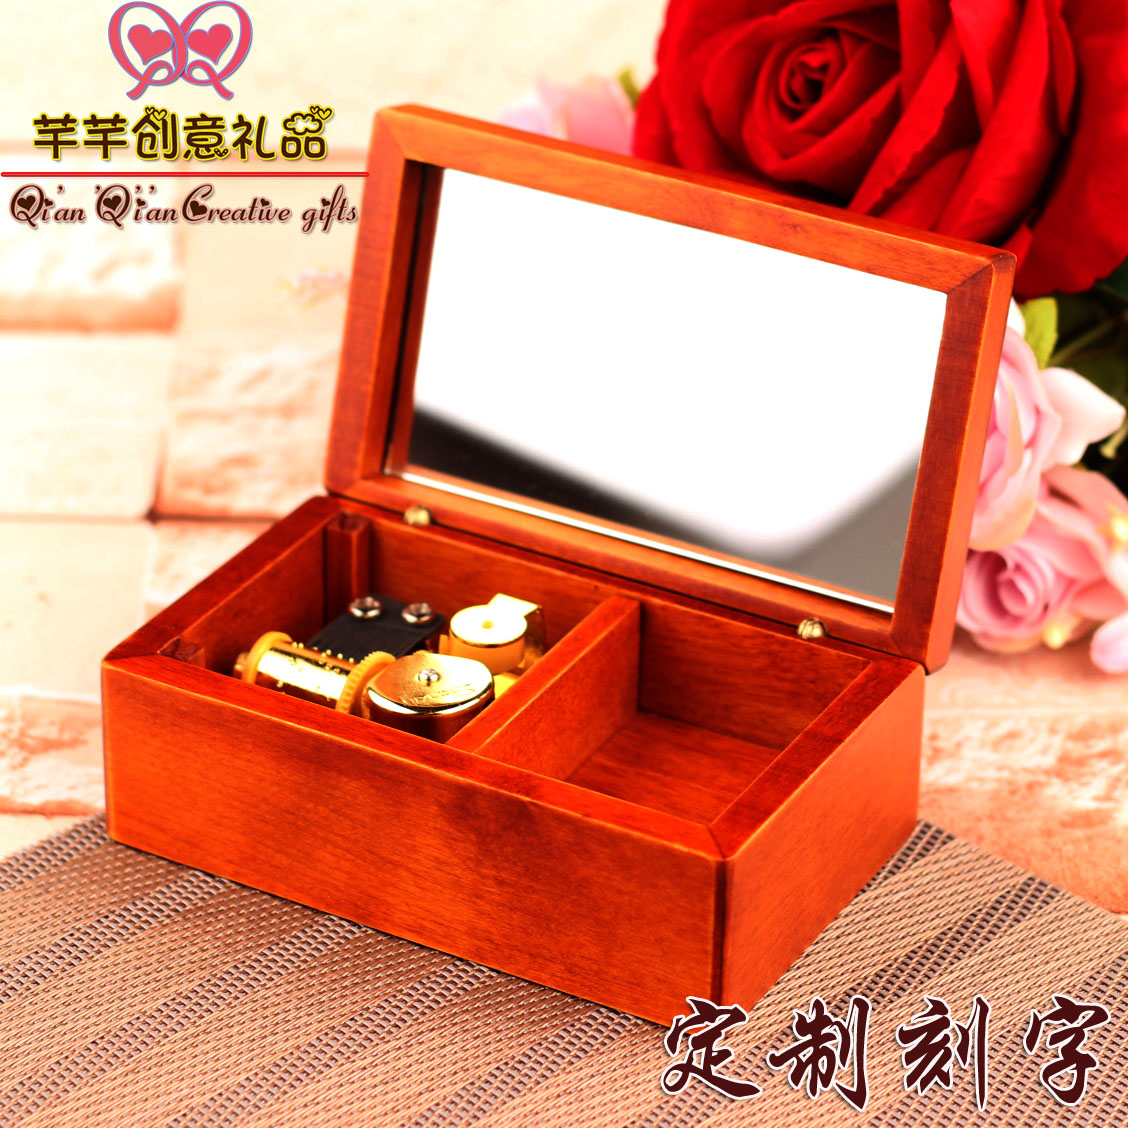 刻字精品木质红木发条镀金复古音乐盒男女生日爱情圣诞节日礼物